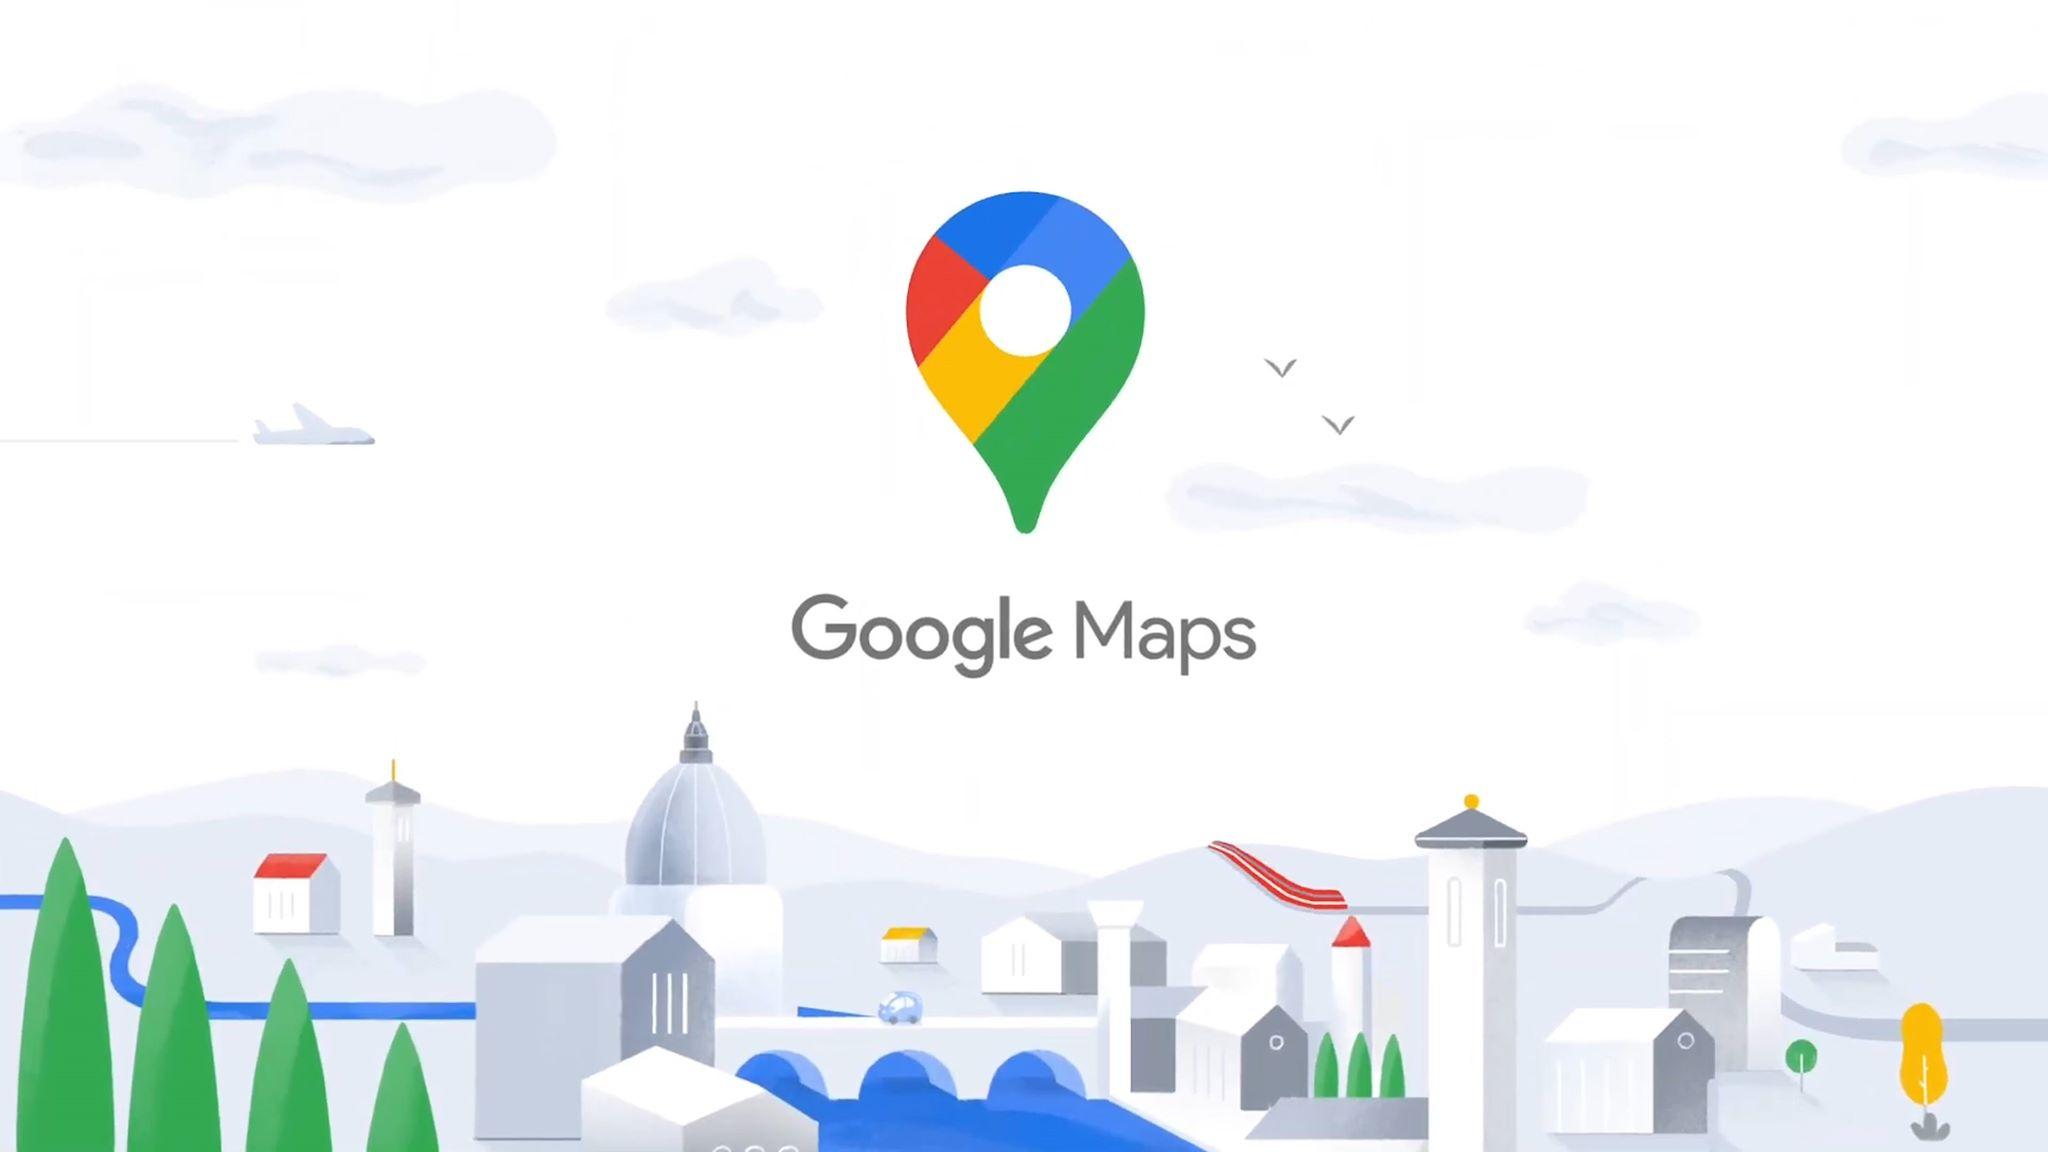 Nabigazioa Google Maps-en ahots berri batekin.  Robotak gizakia ordezkatu zuen